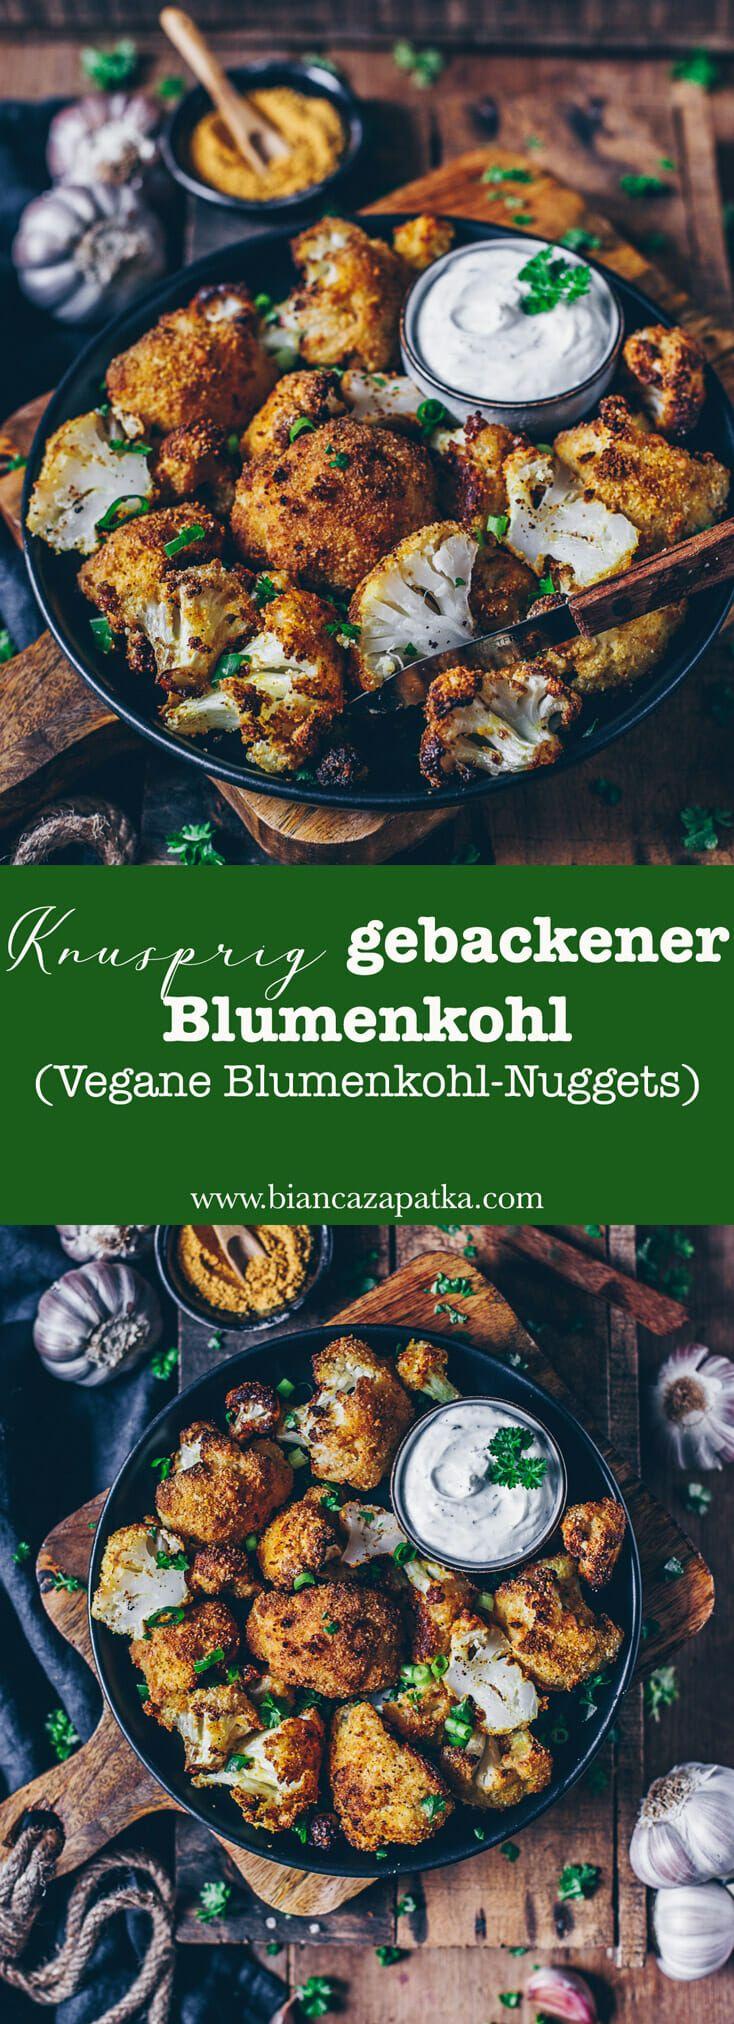 Knusprig gebackener Blumenkohl (vegane Blumenkohl-Nuggets)